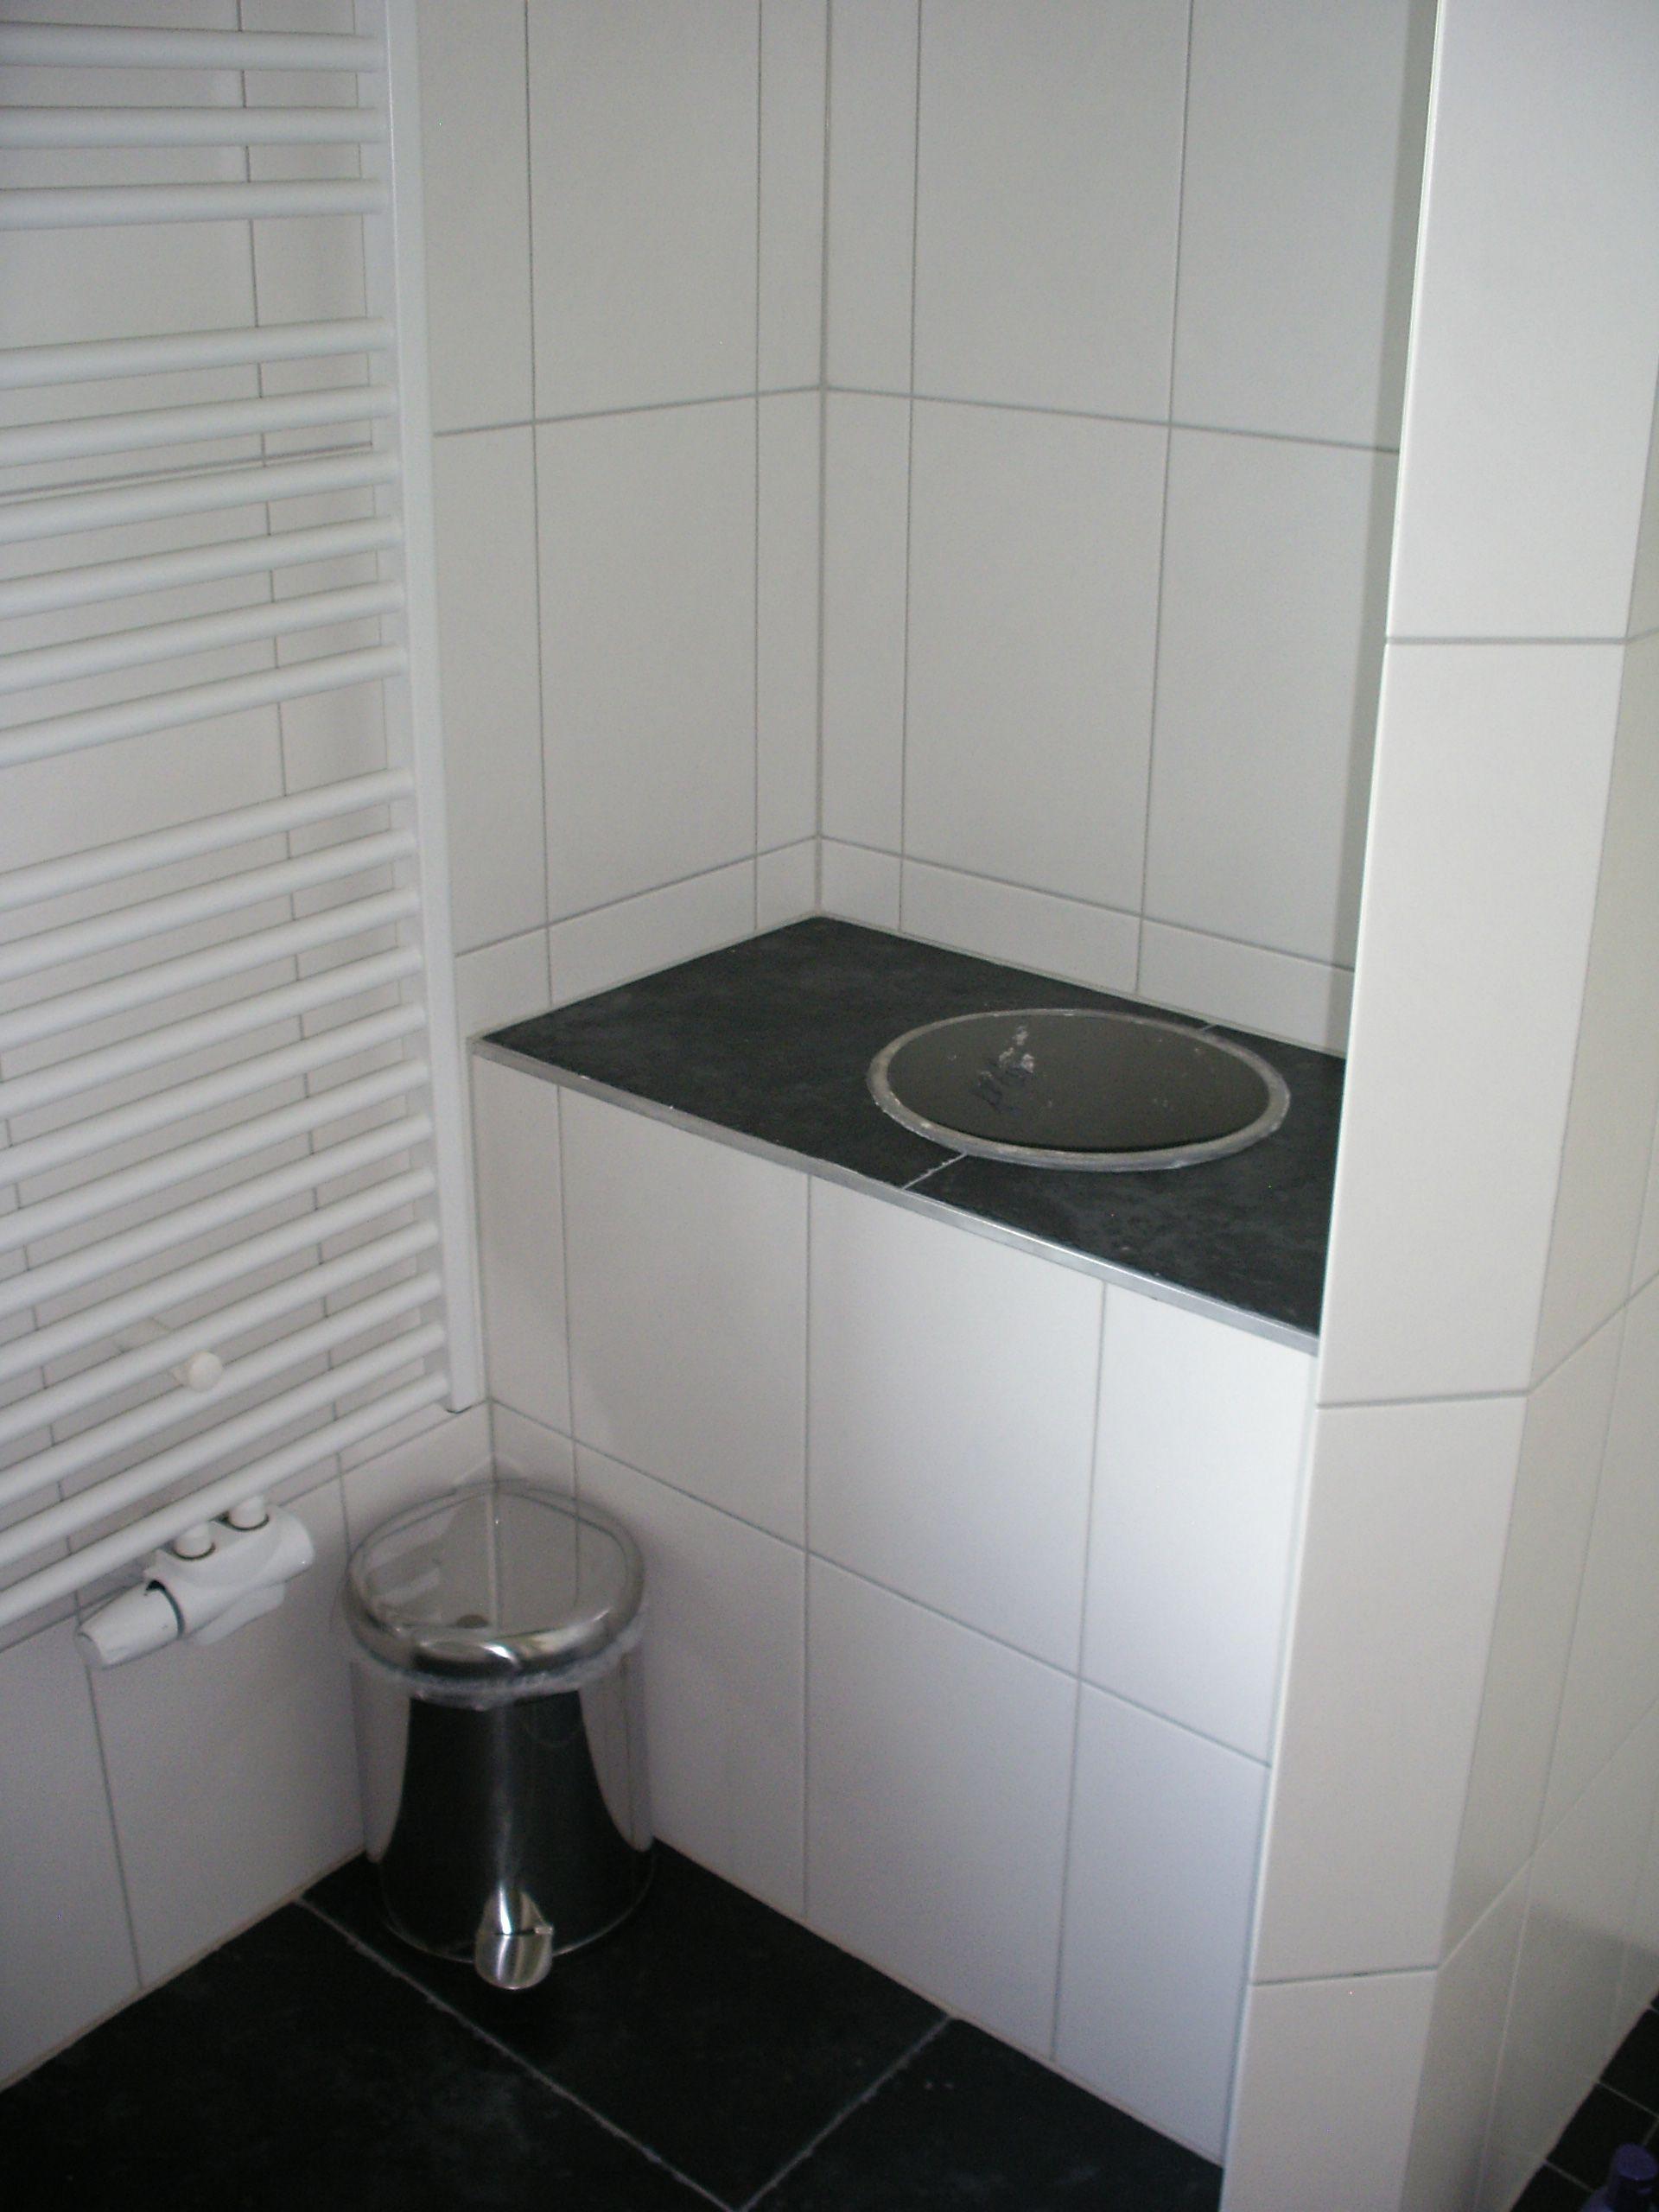 de stortkoker in de badkamer boven er komt nog een mooie deksel